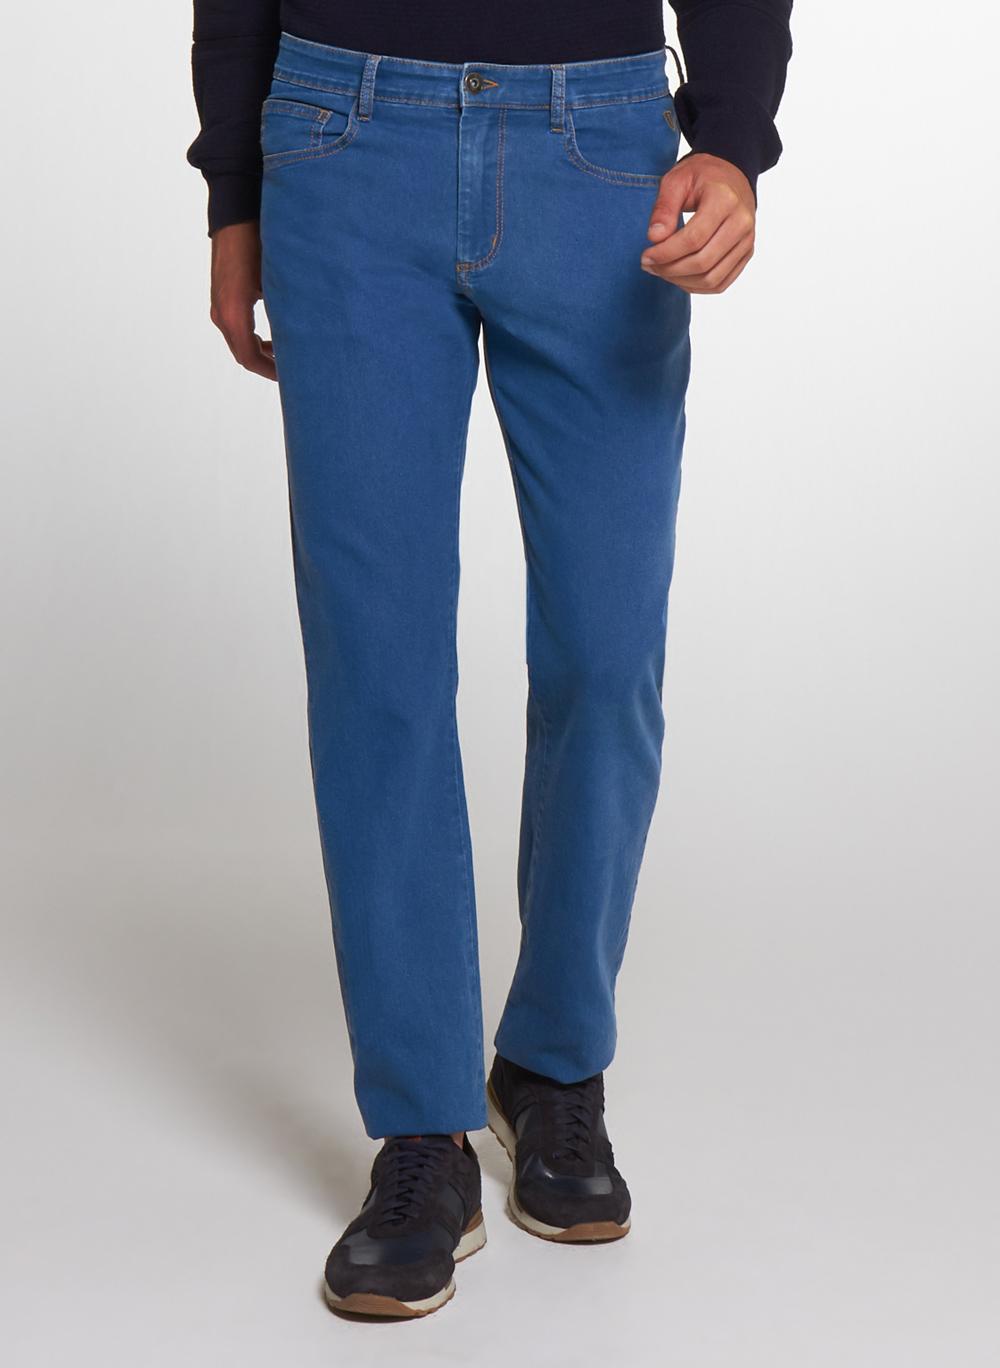 Calça Jeans Masculina Right Fit Individual